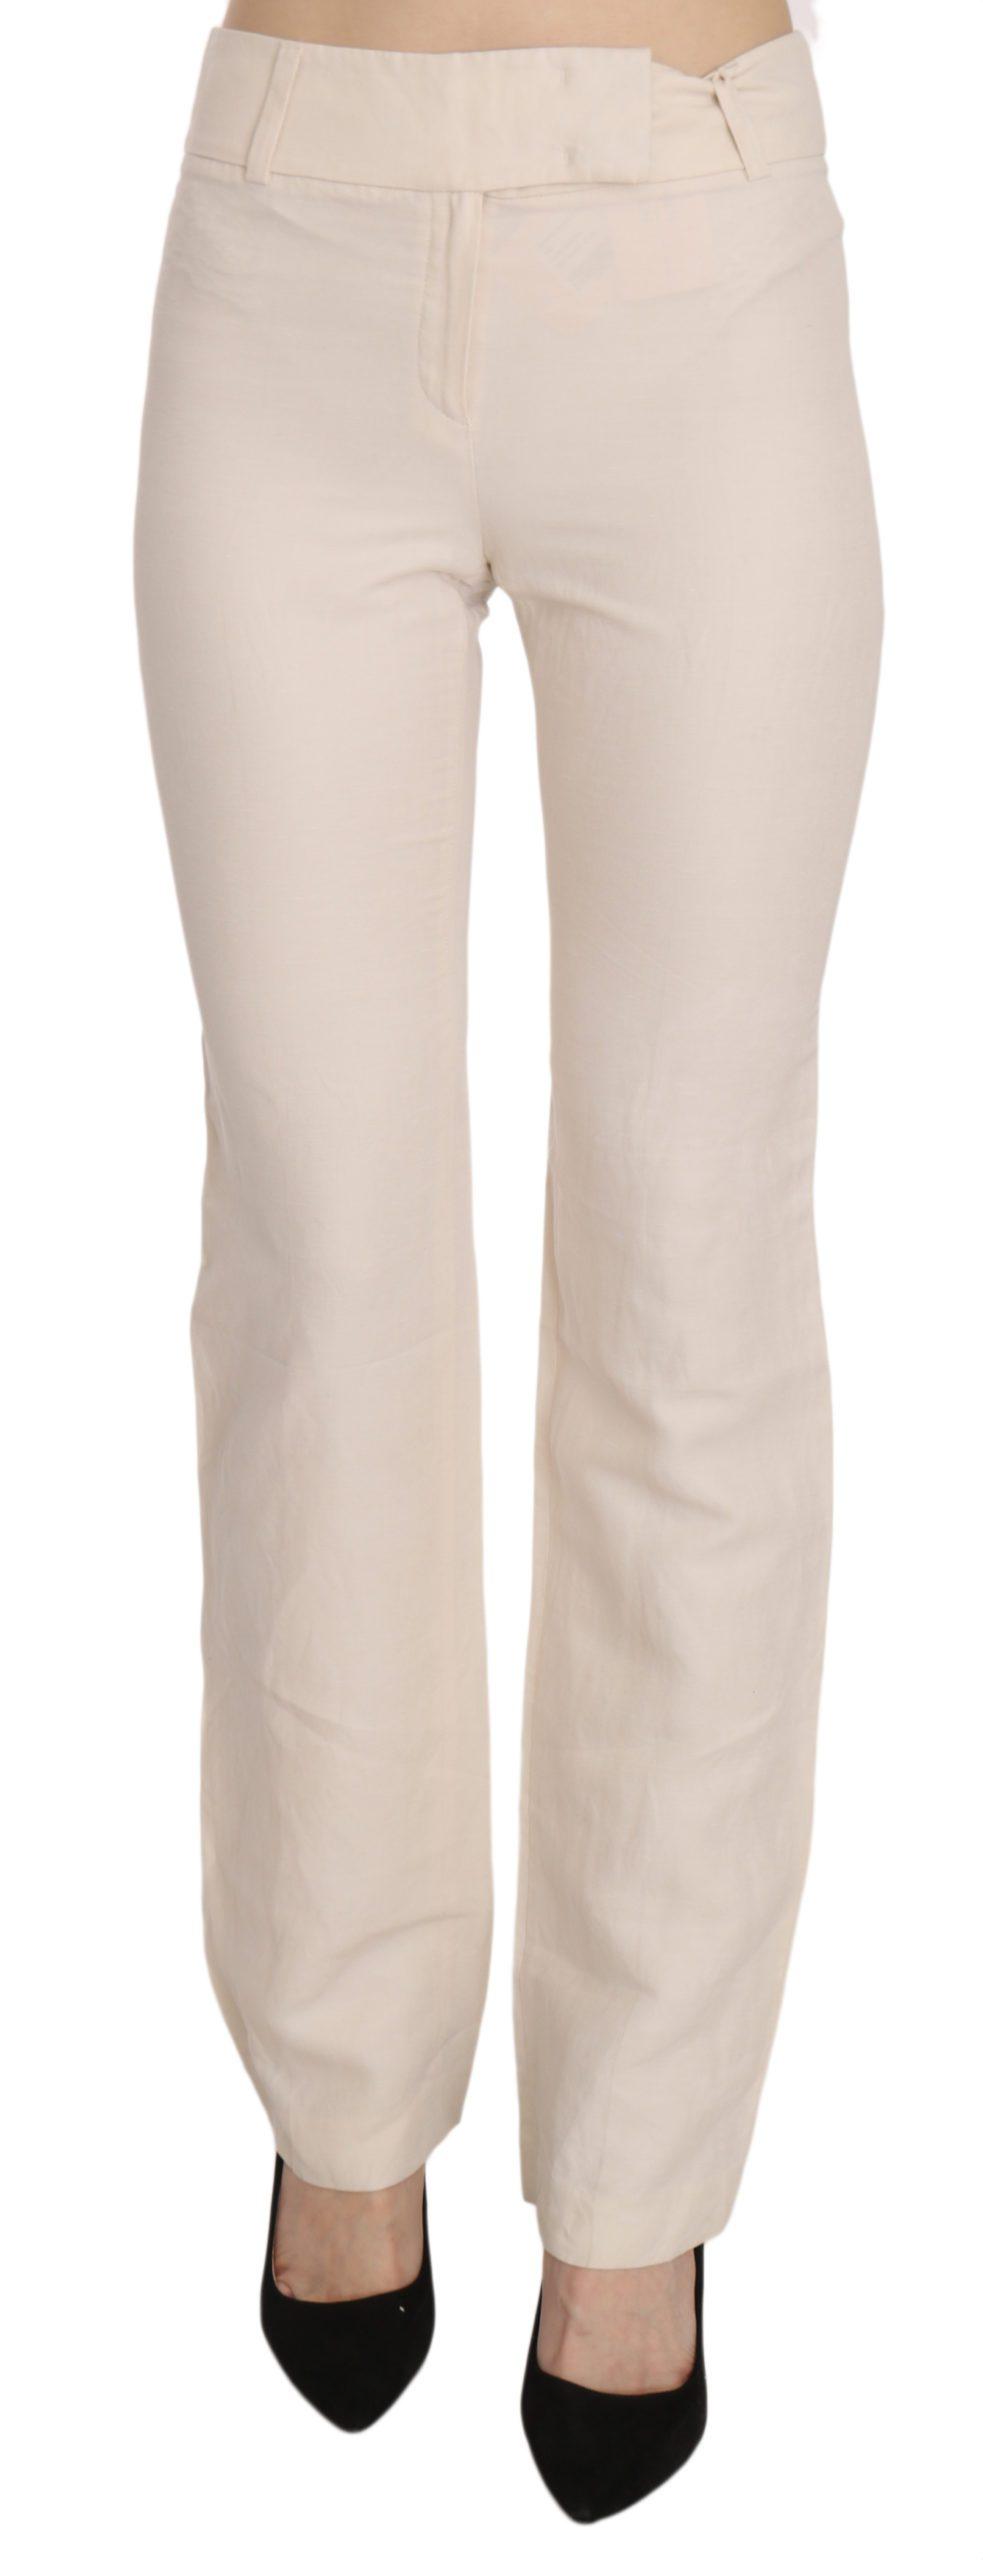 LAUREL Women's High Waist Silk Blend Flared Trouser White PAN70225 - IT36|XXS